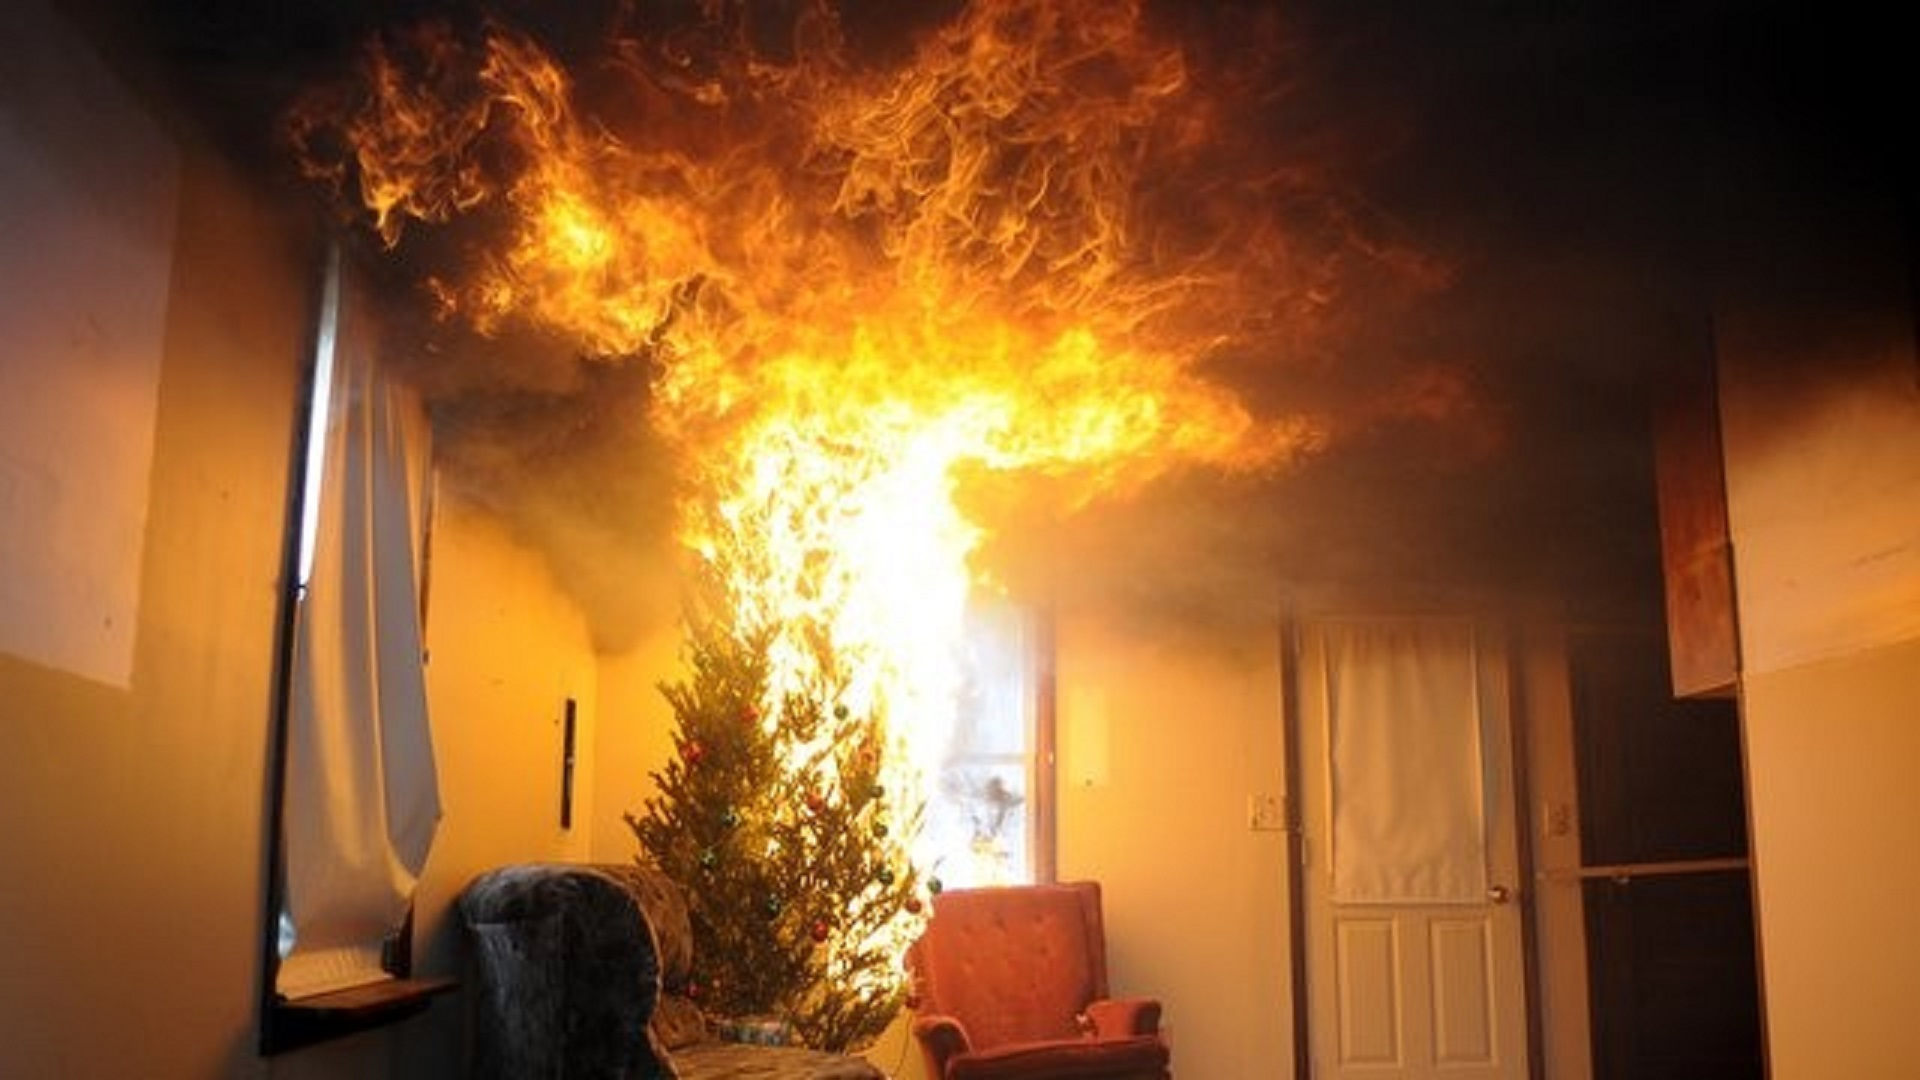 Natale Sicuro, Natale felice! Come evitare incidenti e come salvare una persona in poche, facili mosse